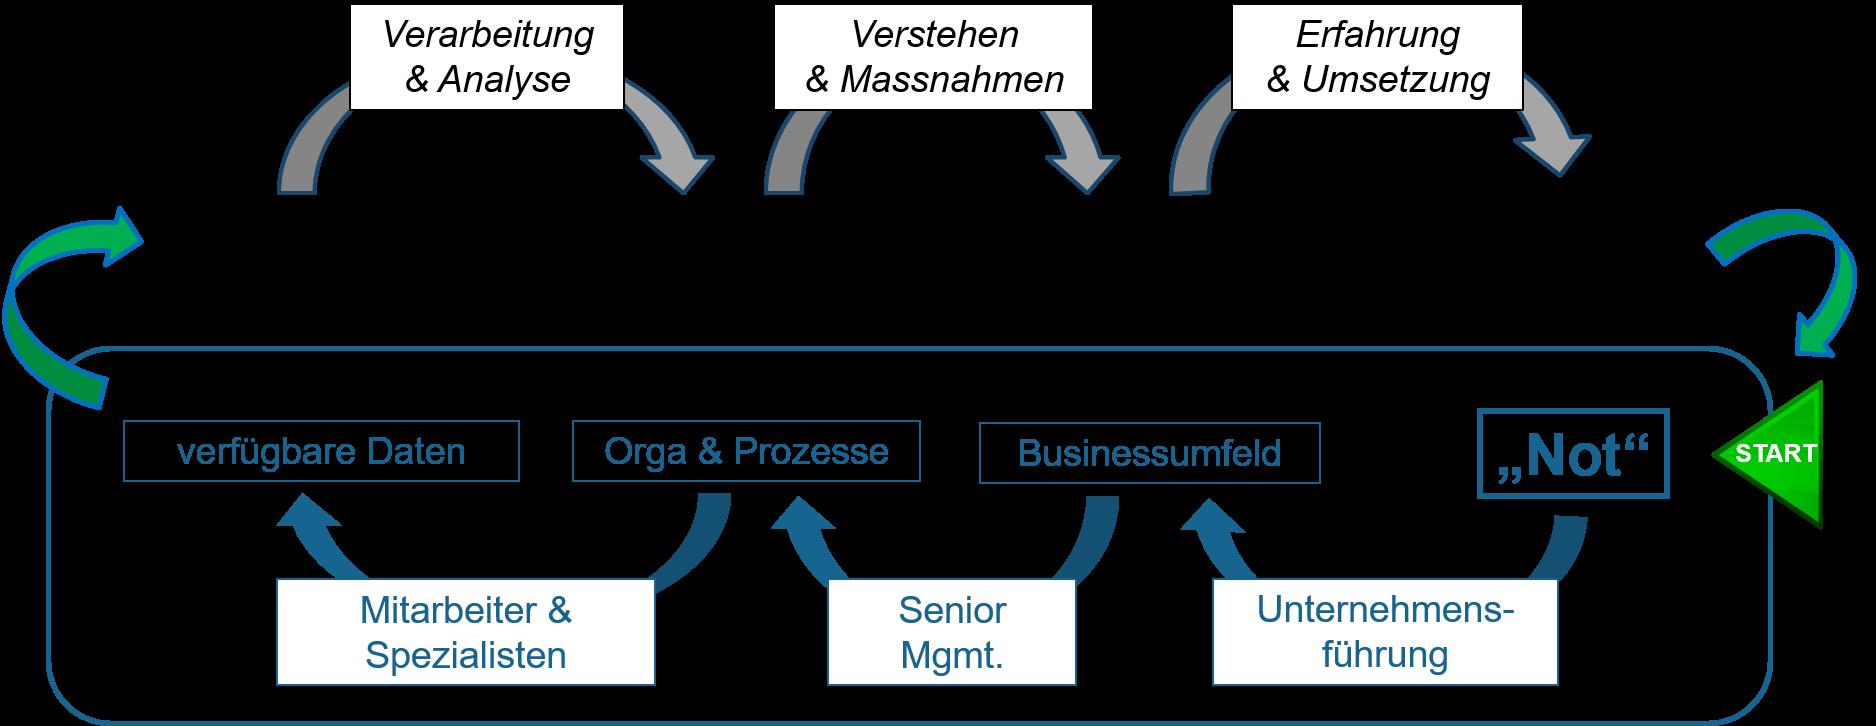 Prozesschritte zu einem neuen Geschäftsmodell, das veralgemeinerte Vorgehen